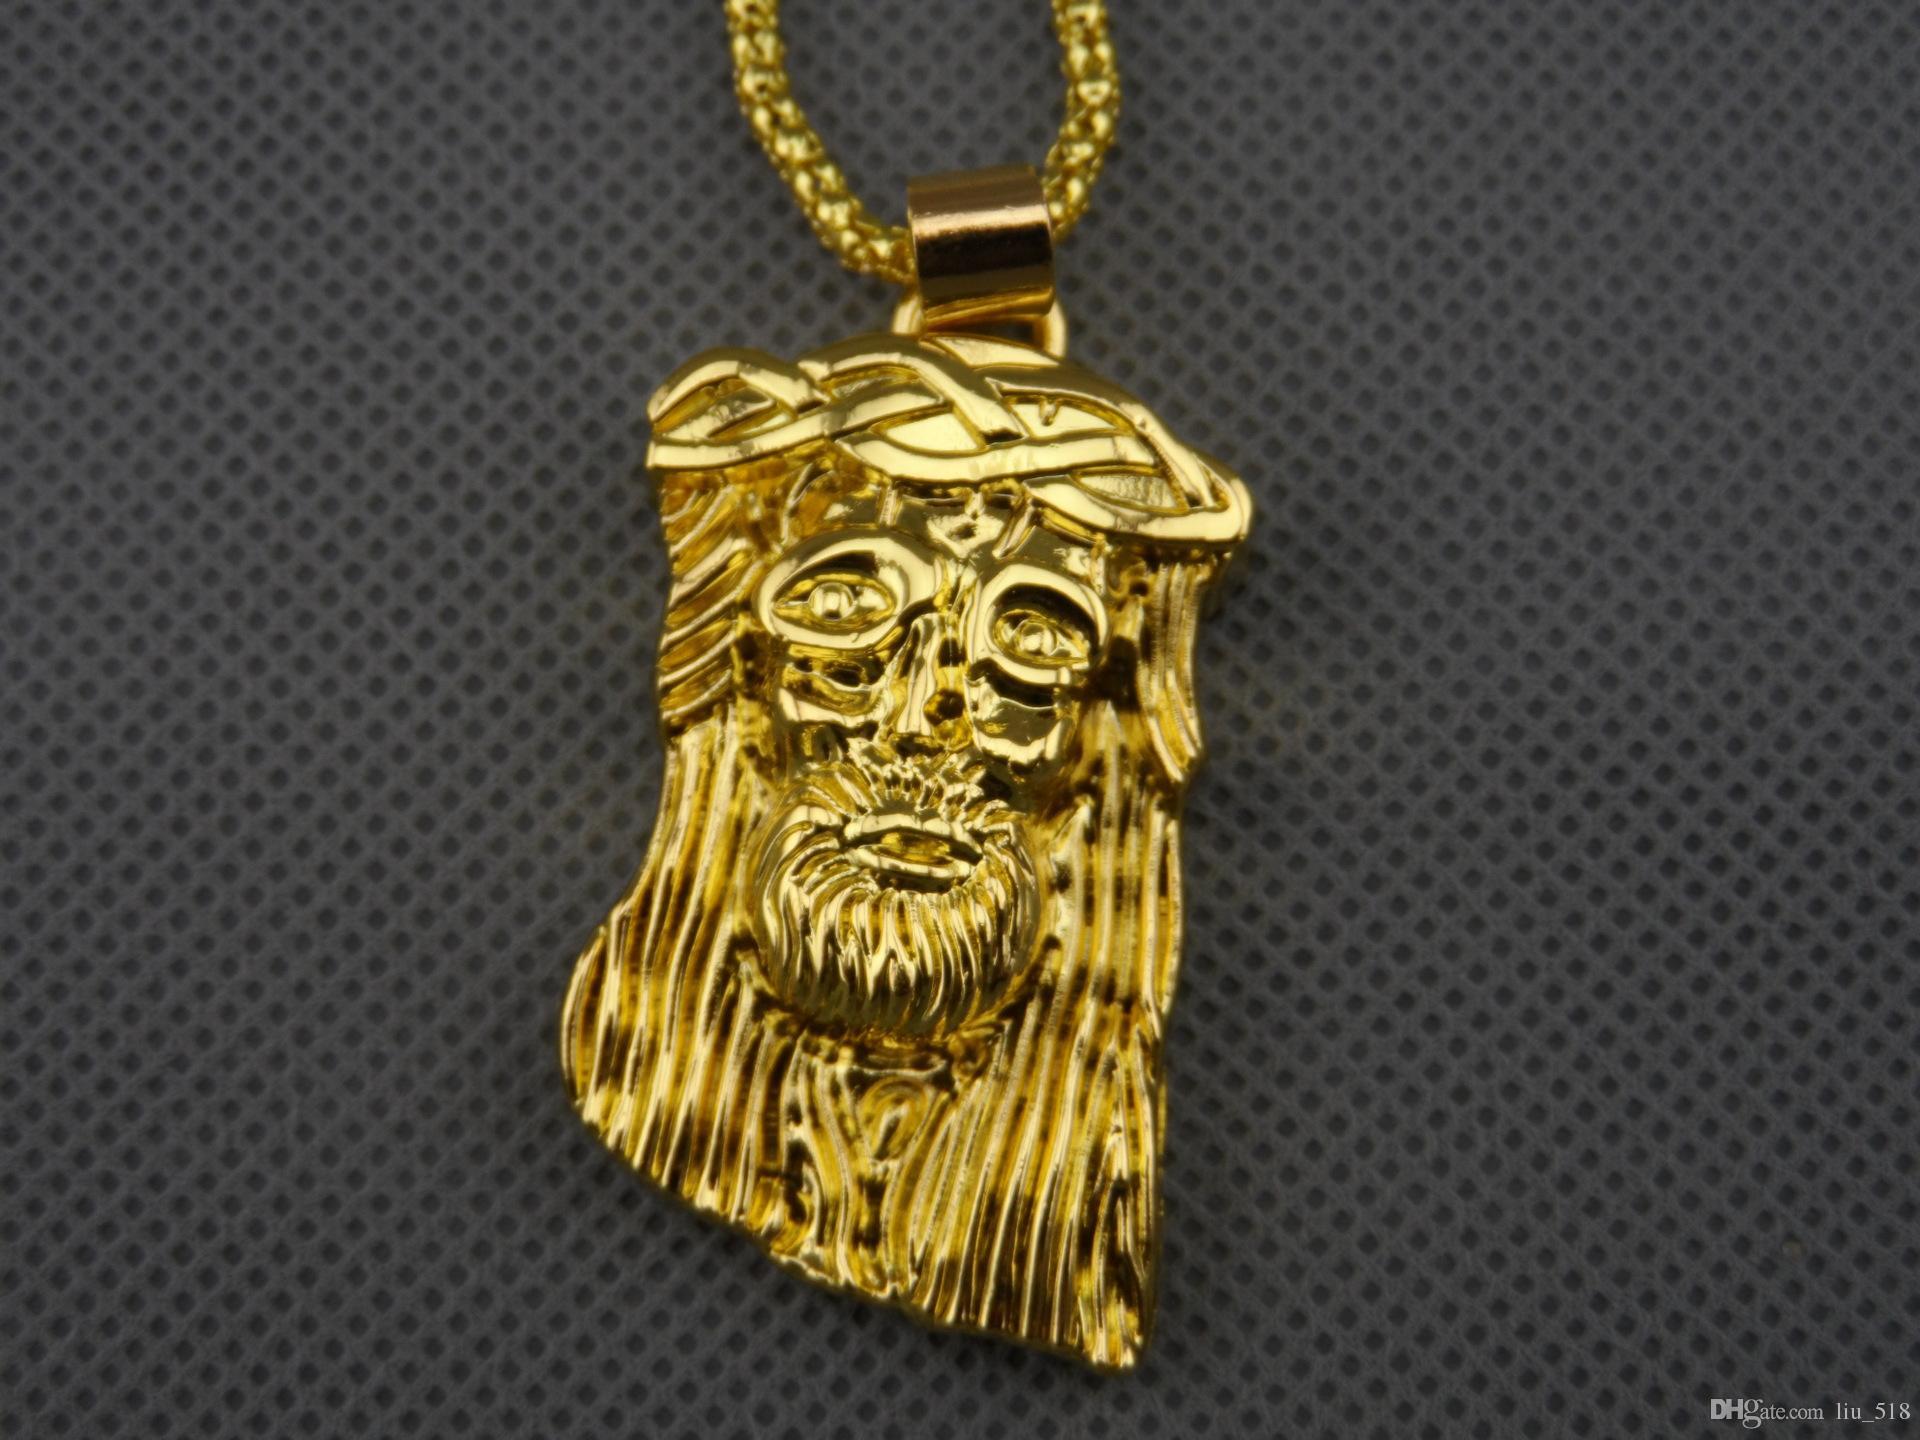 Huai Bei Necklace卸売14 Kゴールド充満イエスヘッドHiphopヒップホップダンス法の役割は味わわれた顔の小さなペンダント